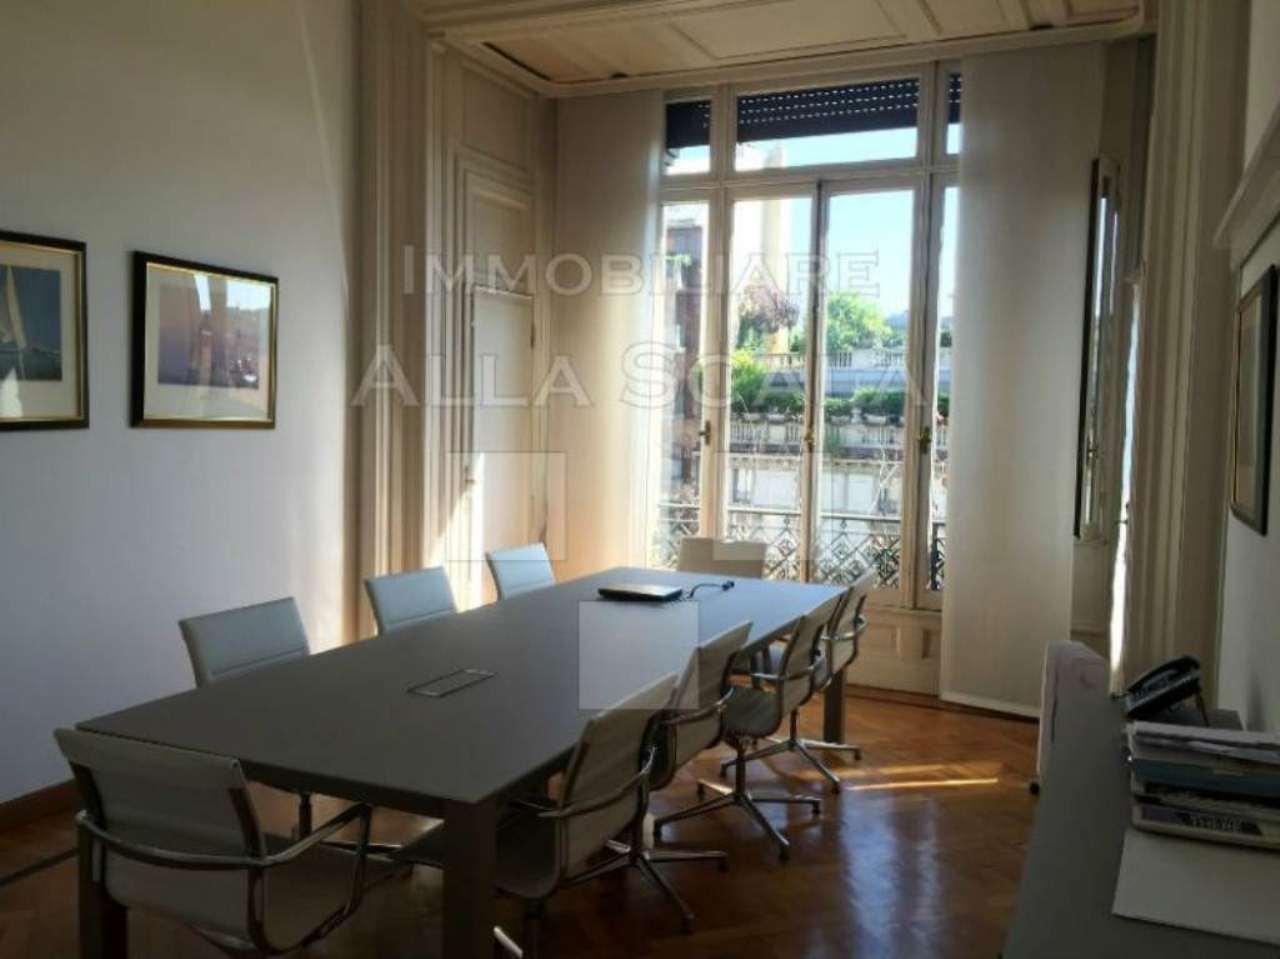 Ufficio / Studio in affitto a Milano, 7 locali, zona Zona: 1 . Centro Storico, Duomo, Brera, Cadorna, Cattolica, prezzo € 4.166 | CambioCasa.it